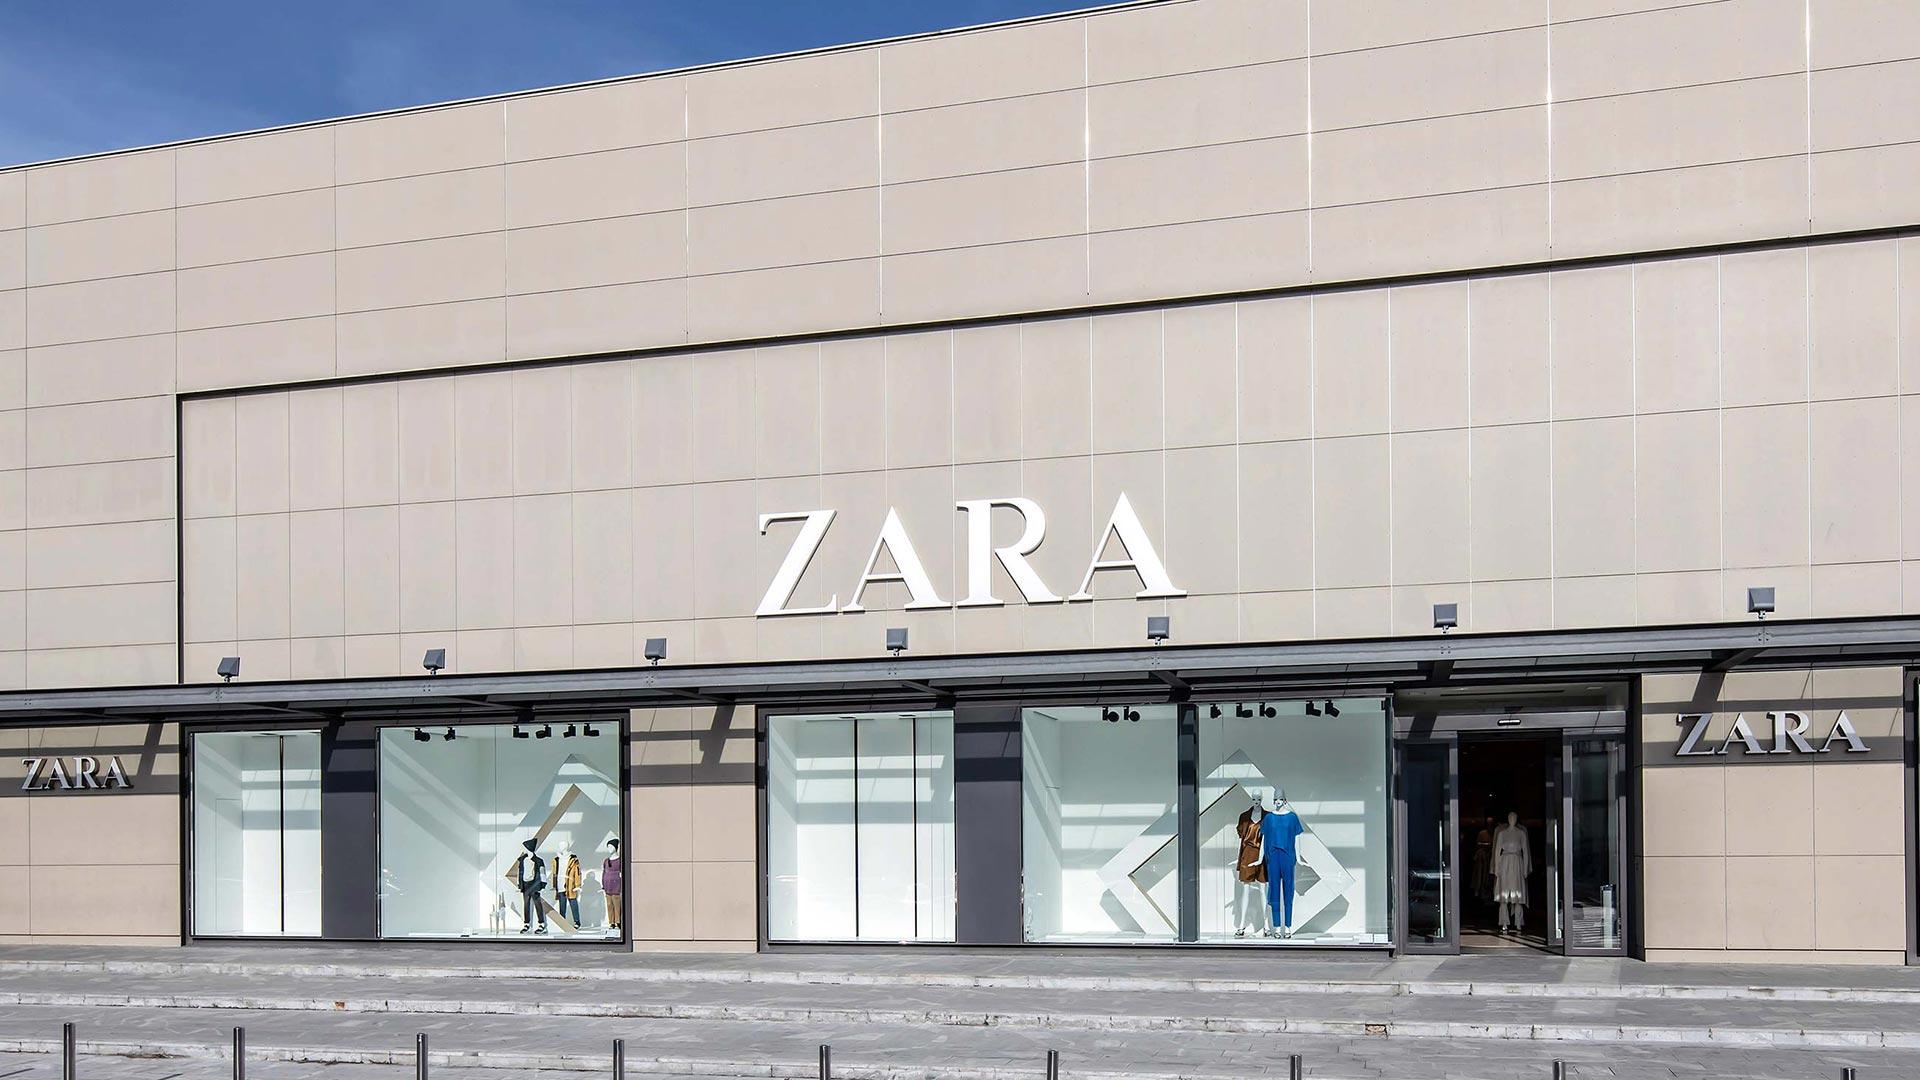 Zara chiude 1200 negozi e punta sull'e-commerce